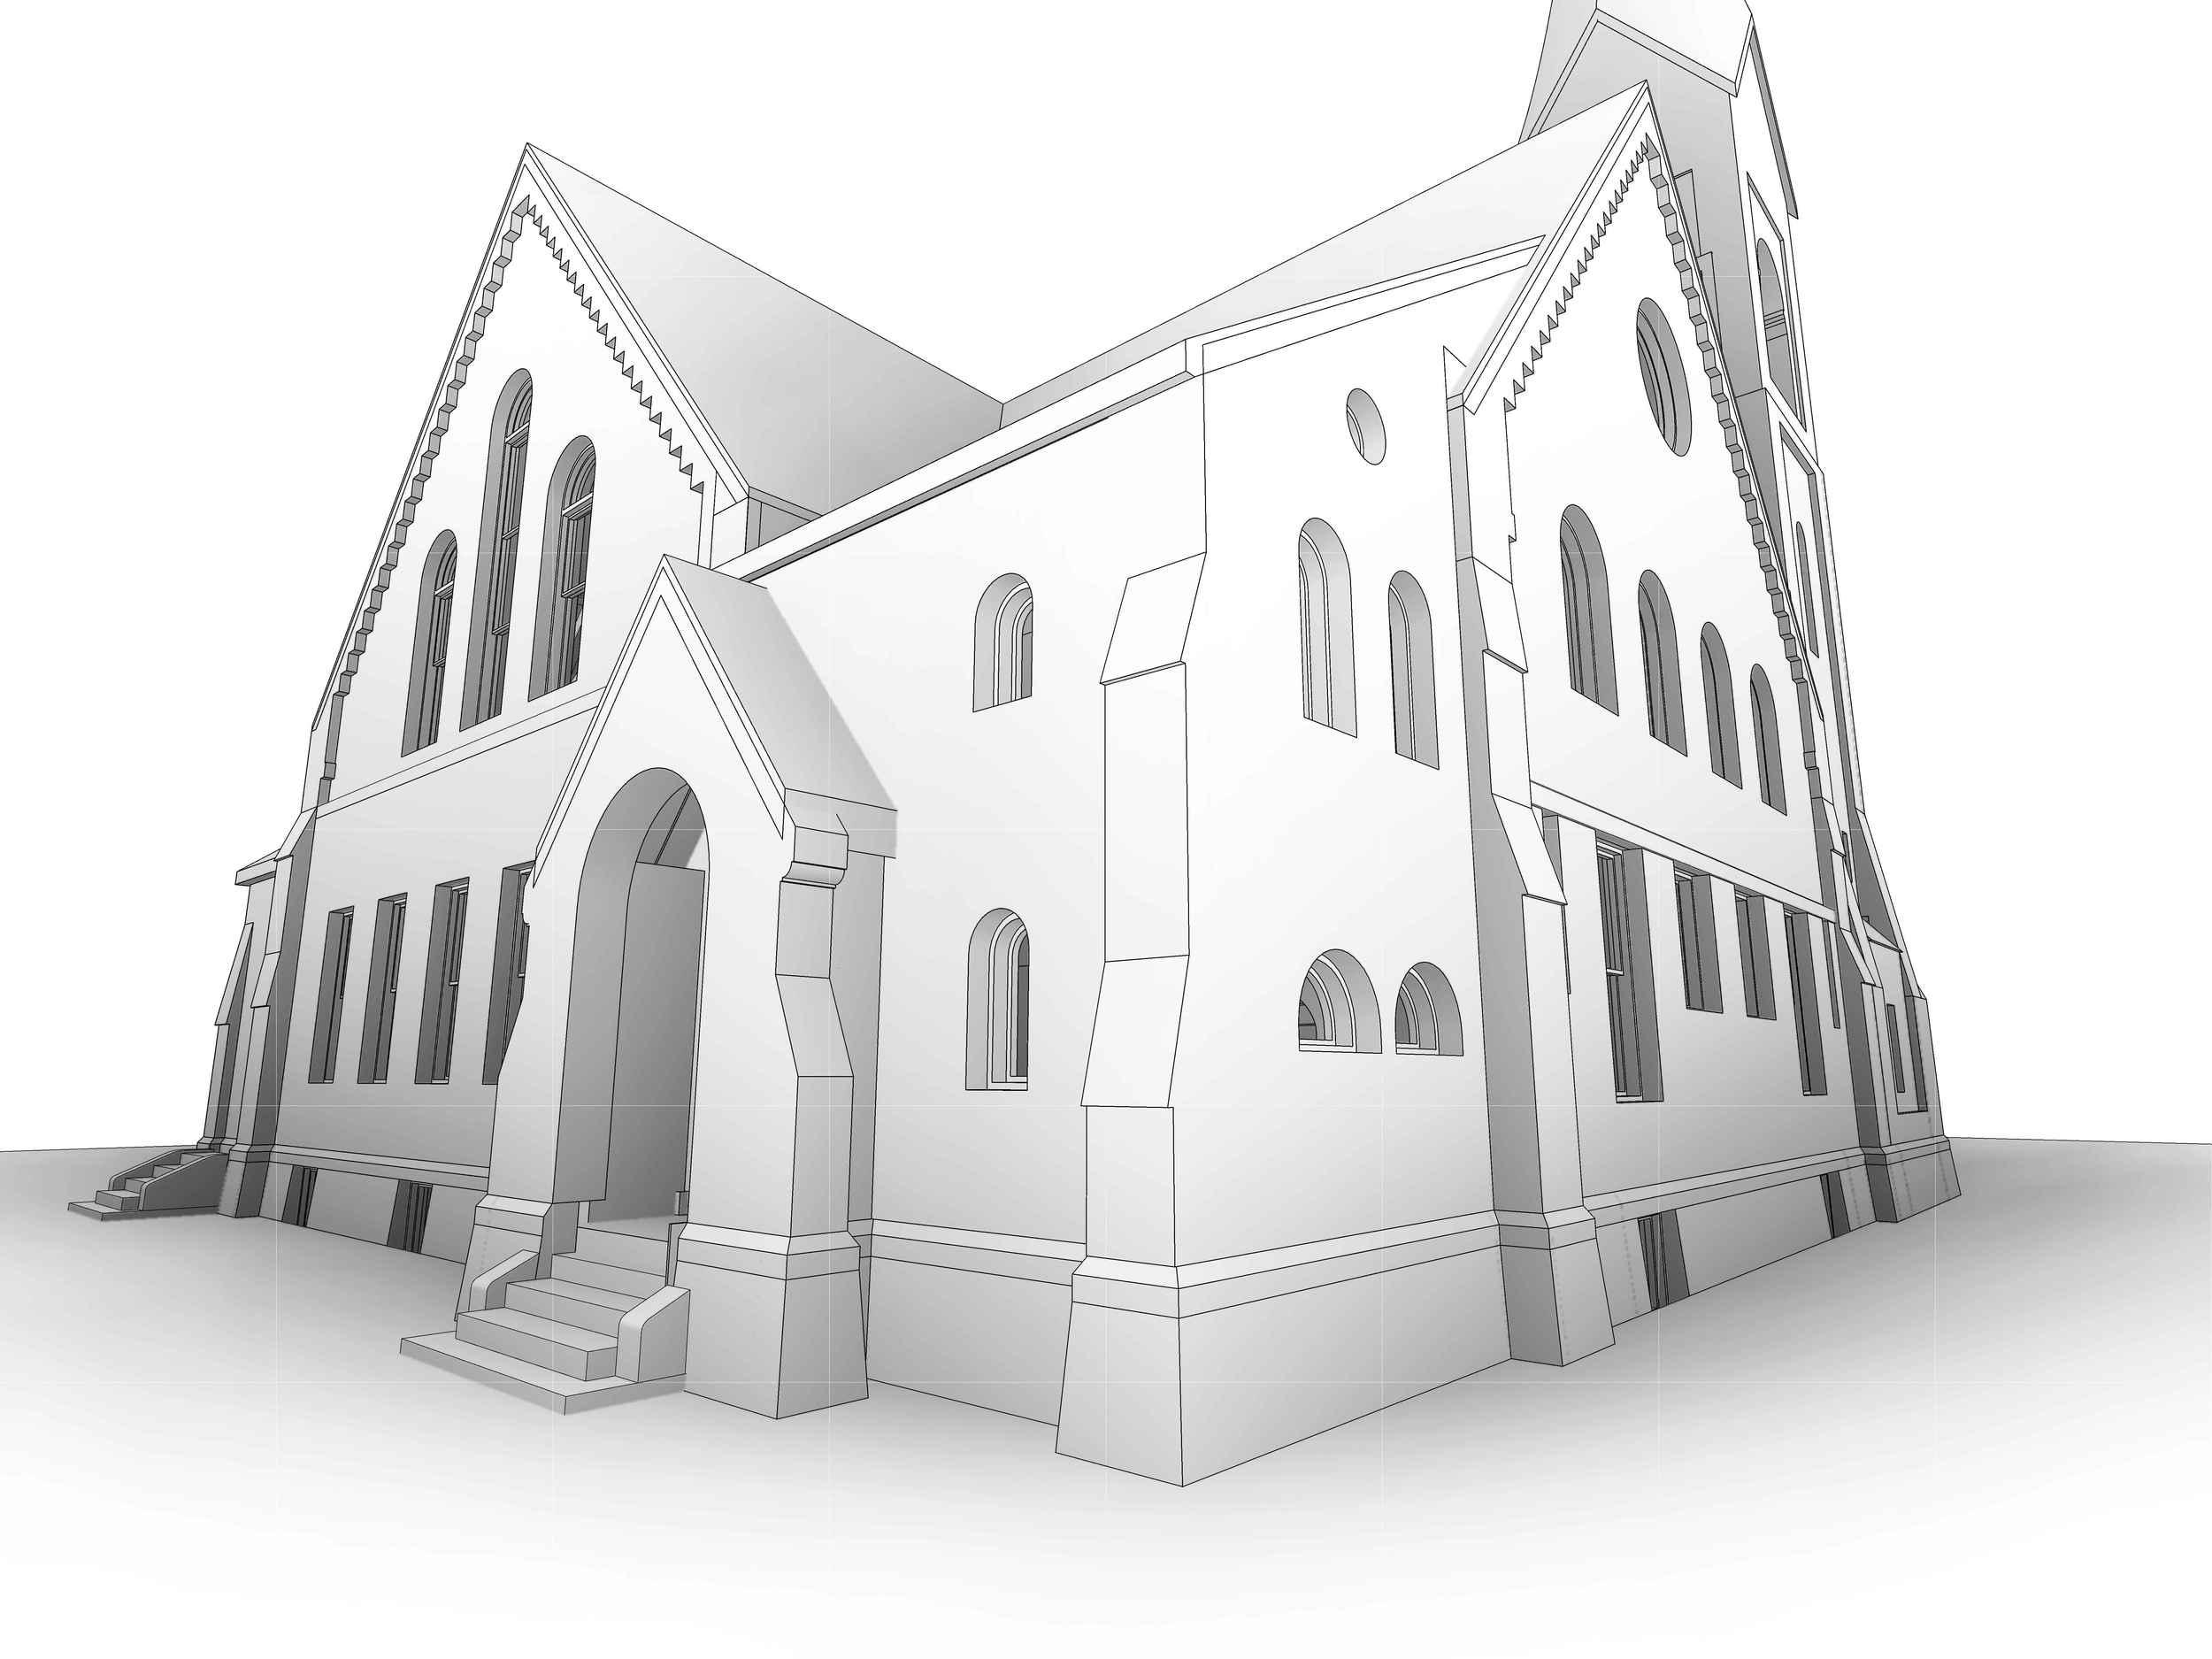 UMass Old Chapel - 3D View - 3D View 2.jpg